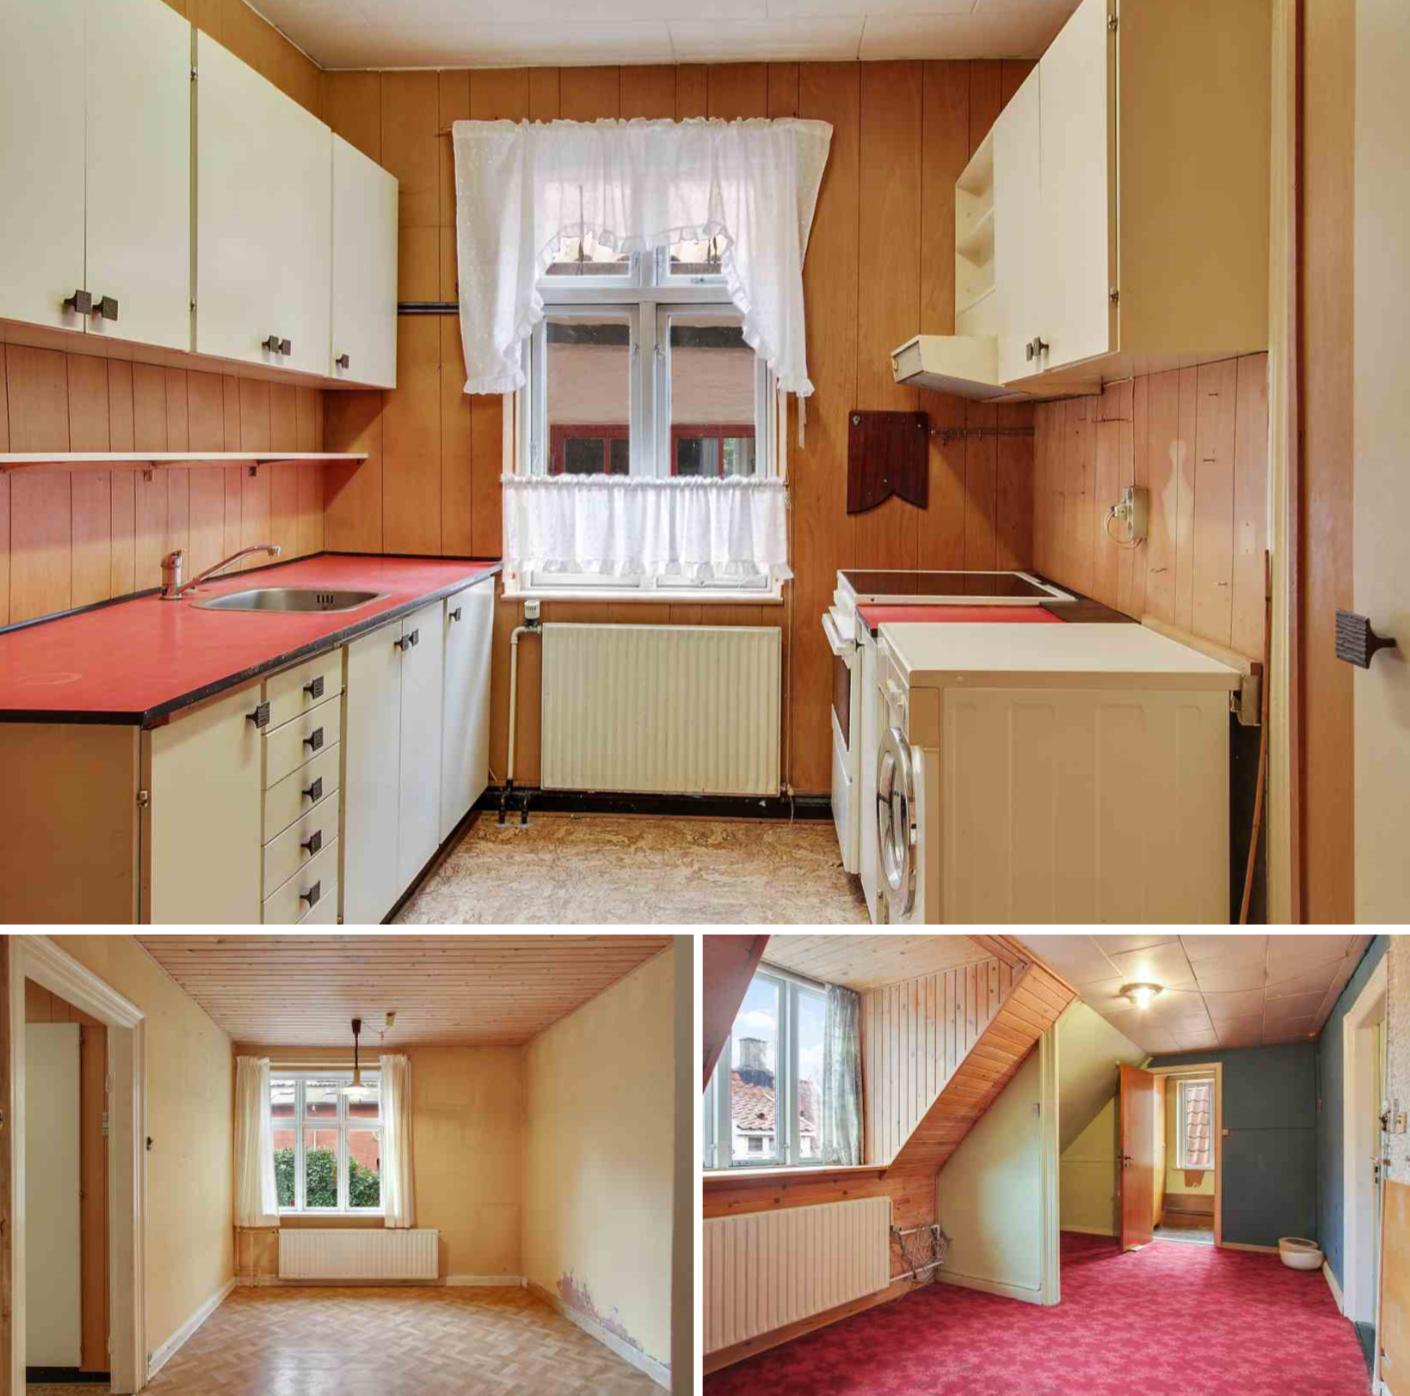 FØR: Billeder fra den oprindelige indretning før nedrivning gik igang. Køkkenet er en tidslomme fra 60'erne…